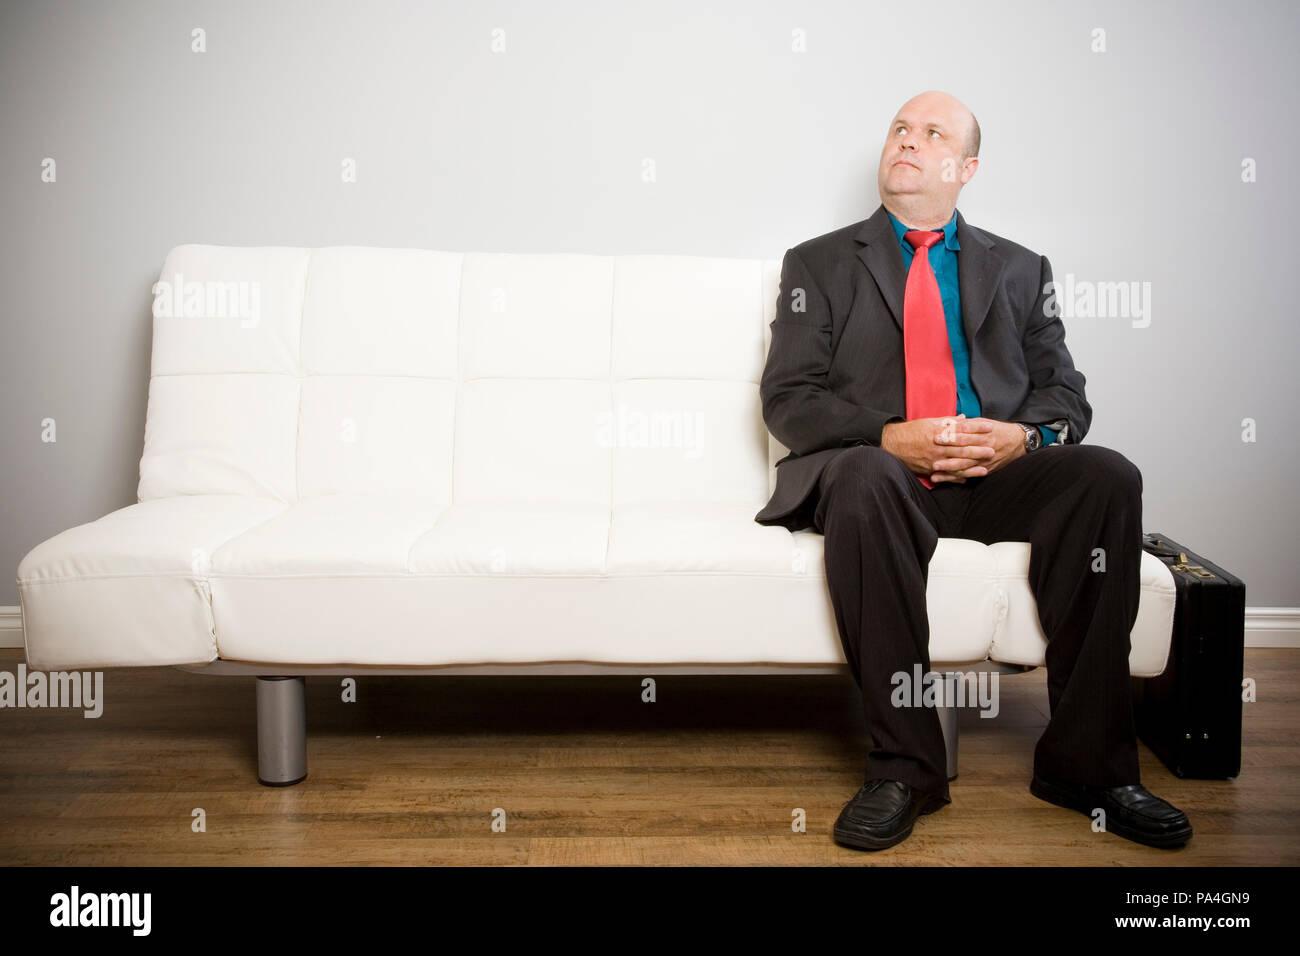 https www alamyimages fr une personne portant un costume en attente avec un porte documents sur un futon pour une entrevue ou de nomination image212771925 html